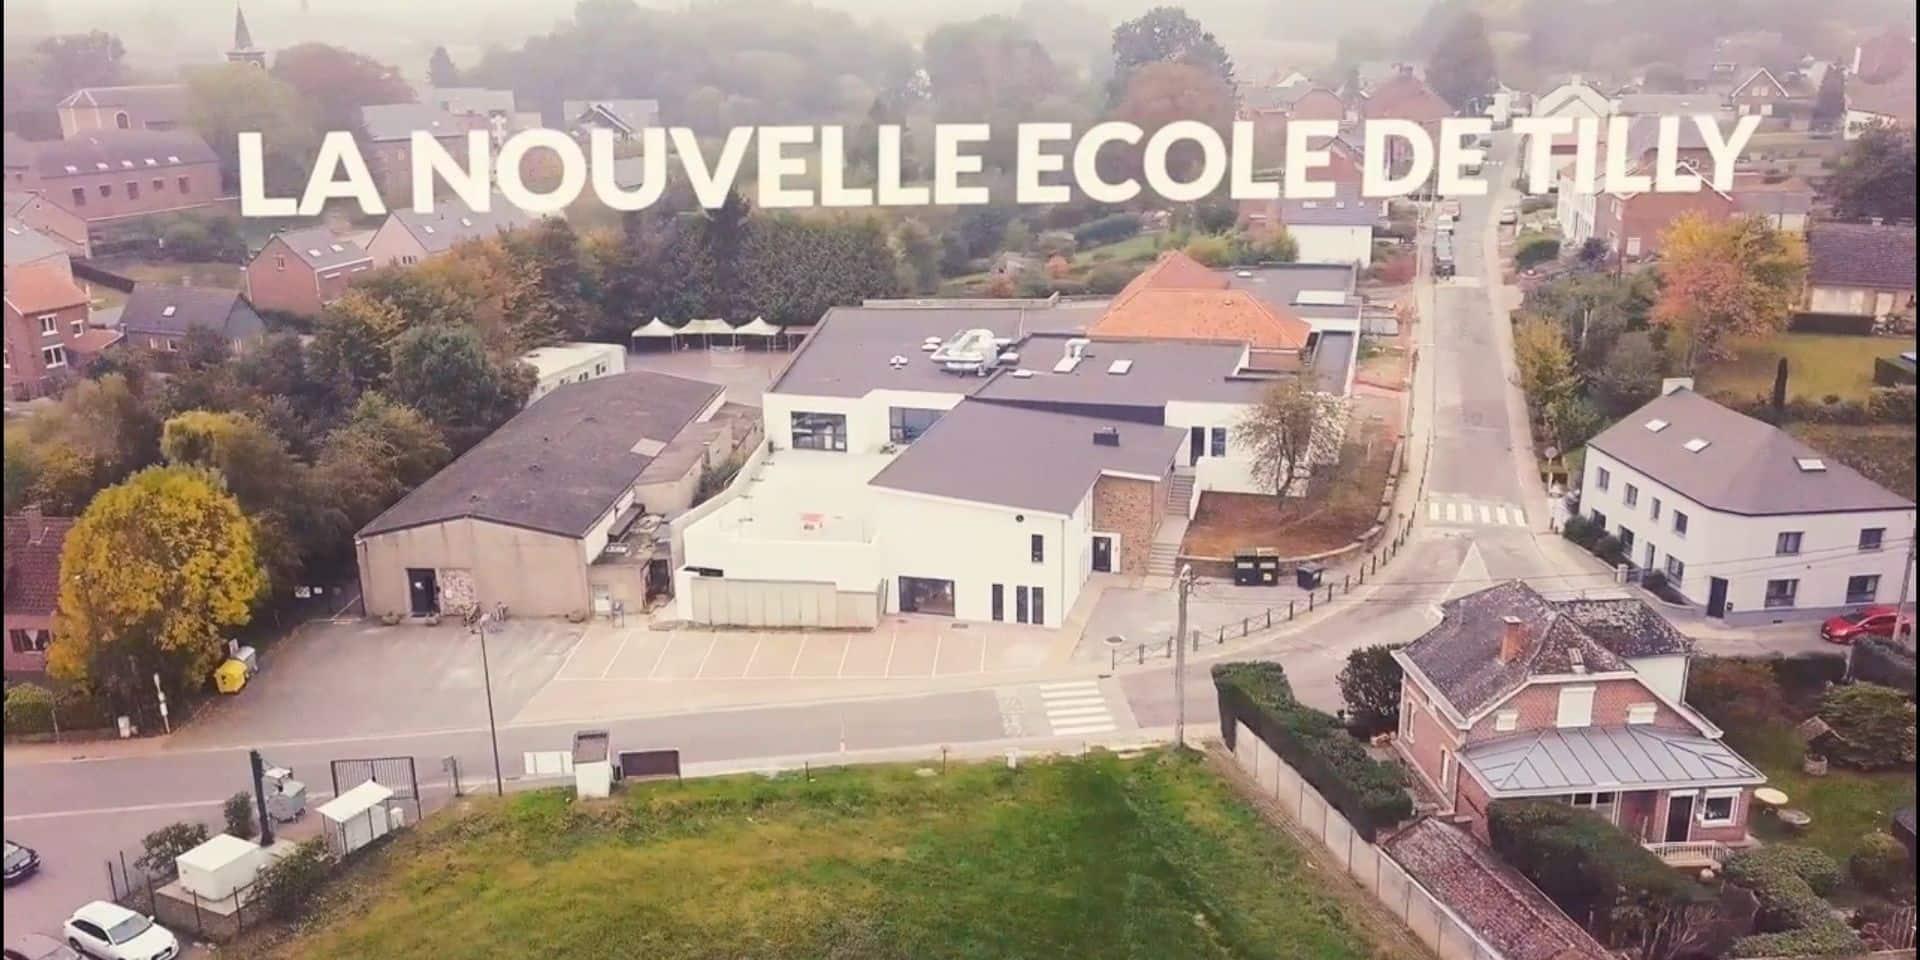 Villers-la-Ville: une extension d'école inaugurée... en direct sur Facebook !